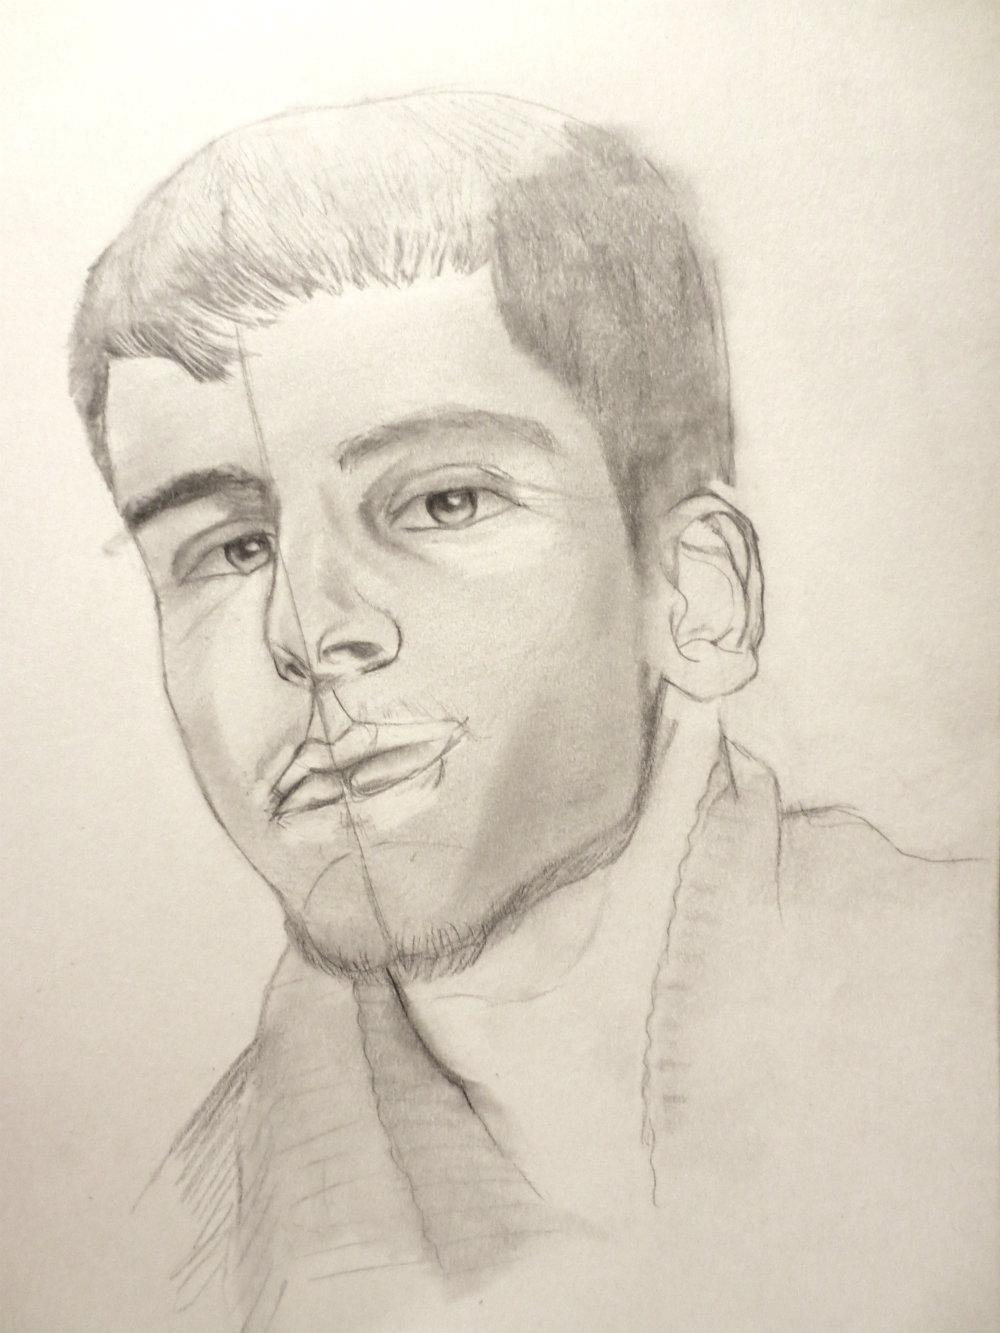 Pencil Portrait - image 2 - student project